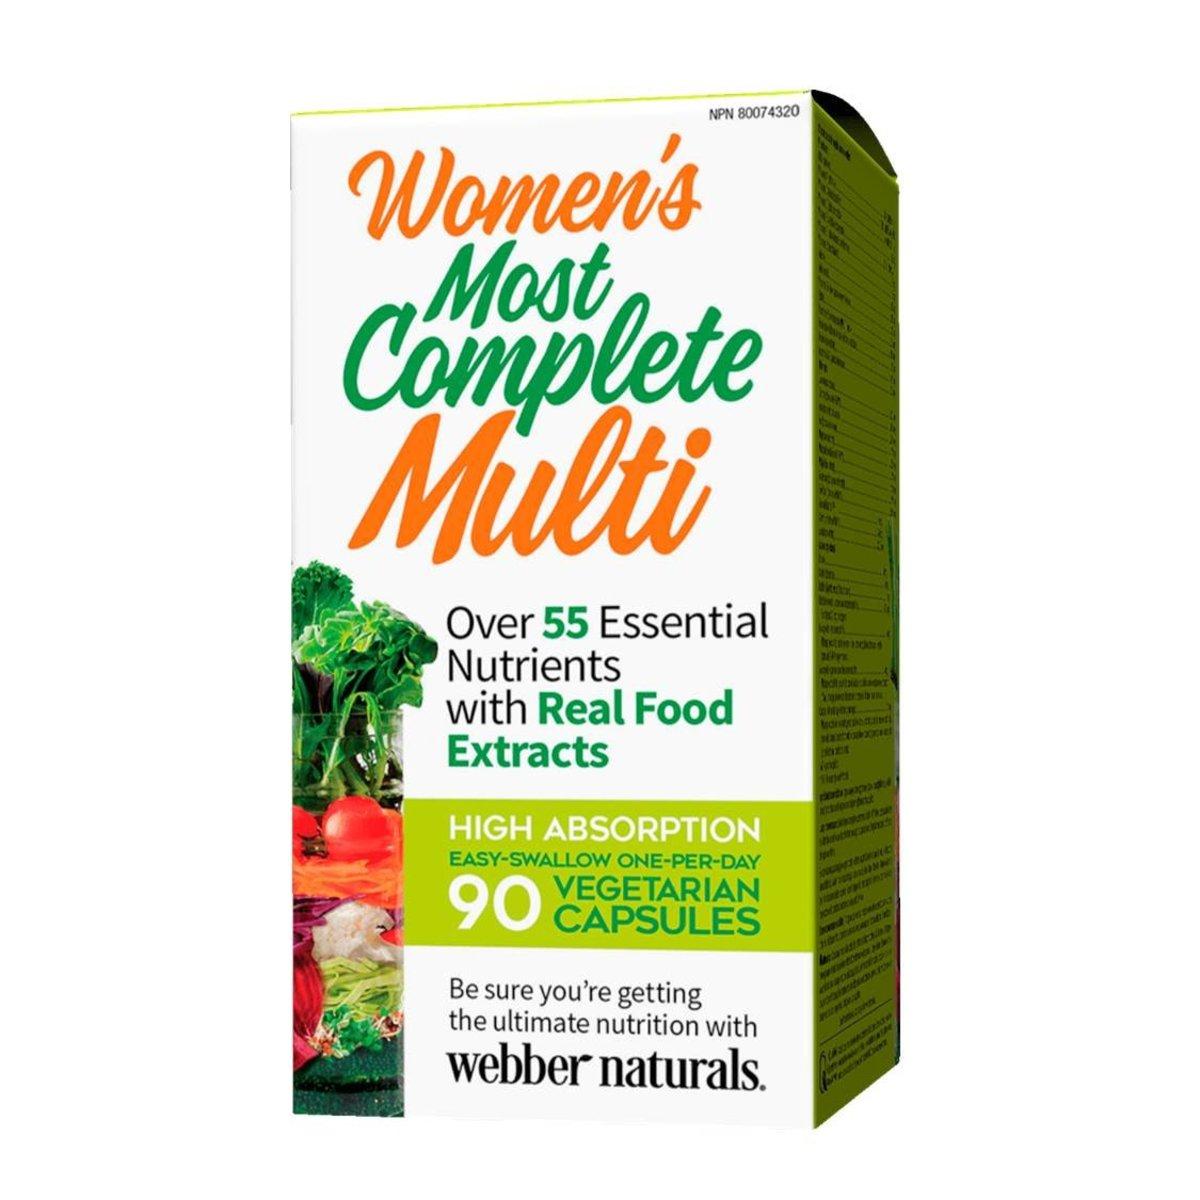 素食系列 - 女士全效綜合維他命營養素 90 粒